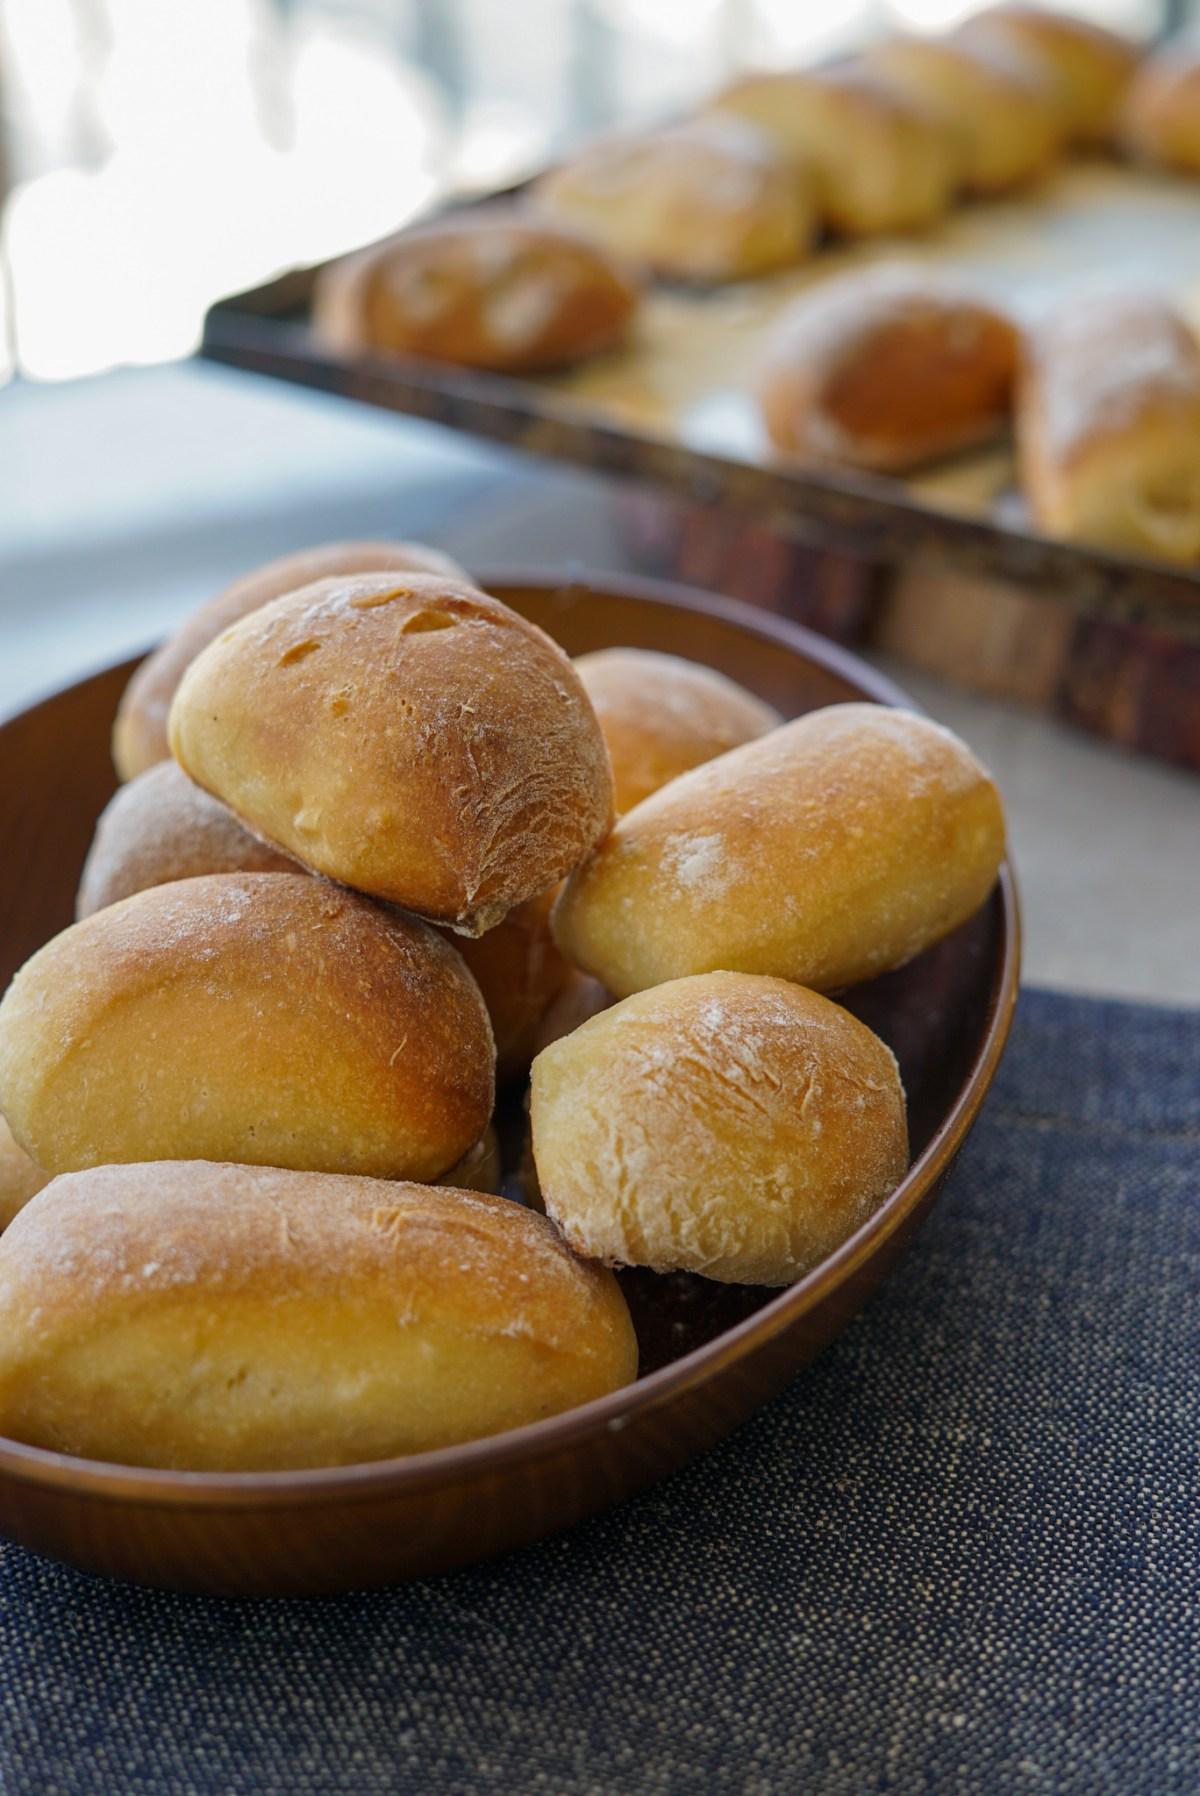 pãezinhos de batata doce com farinha integral, receita boa para congelar